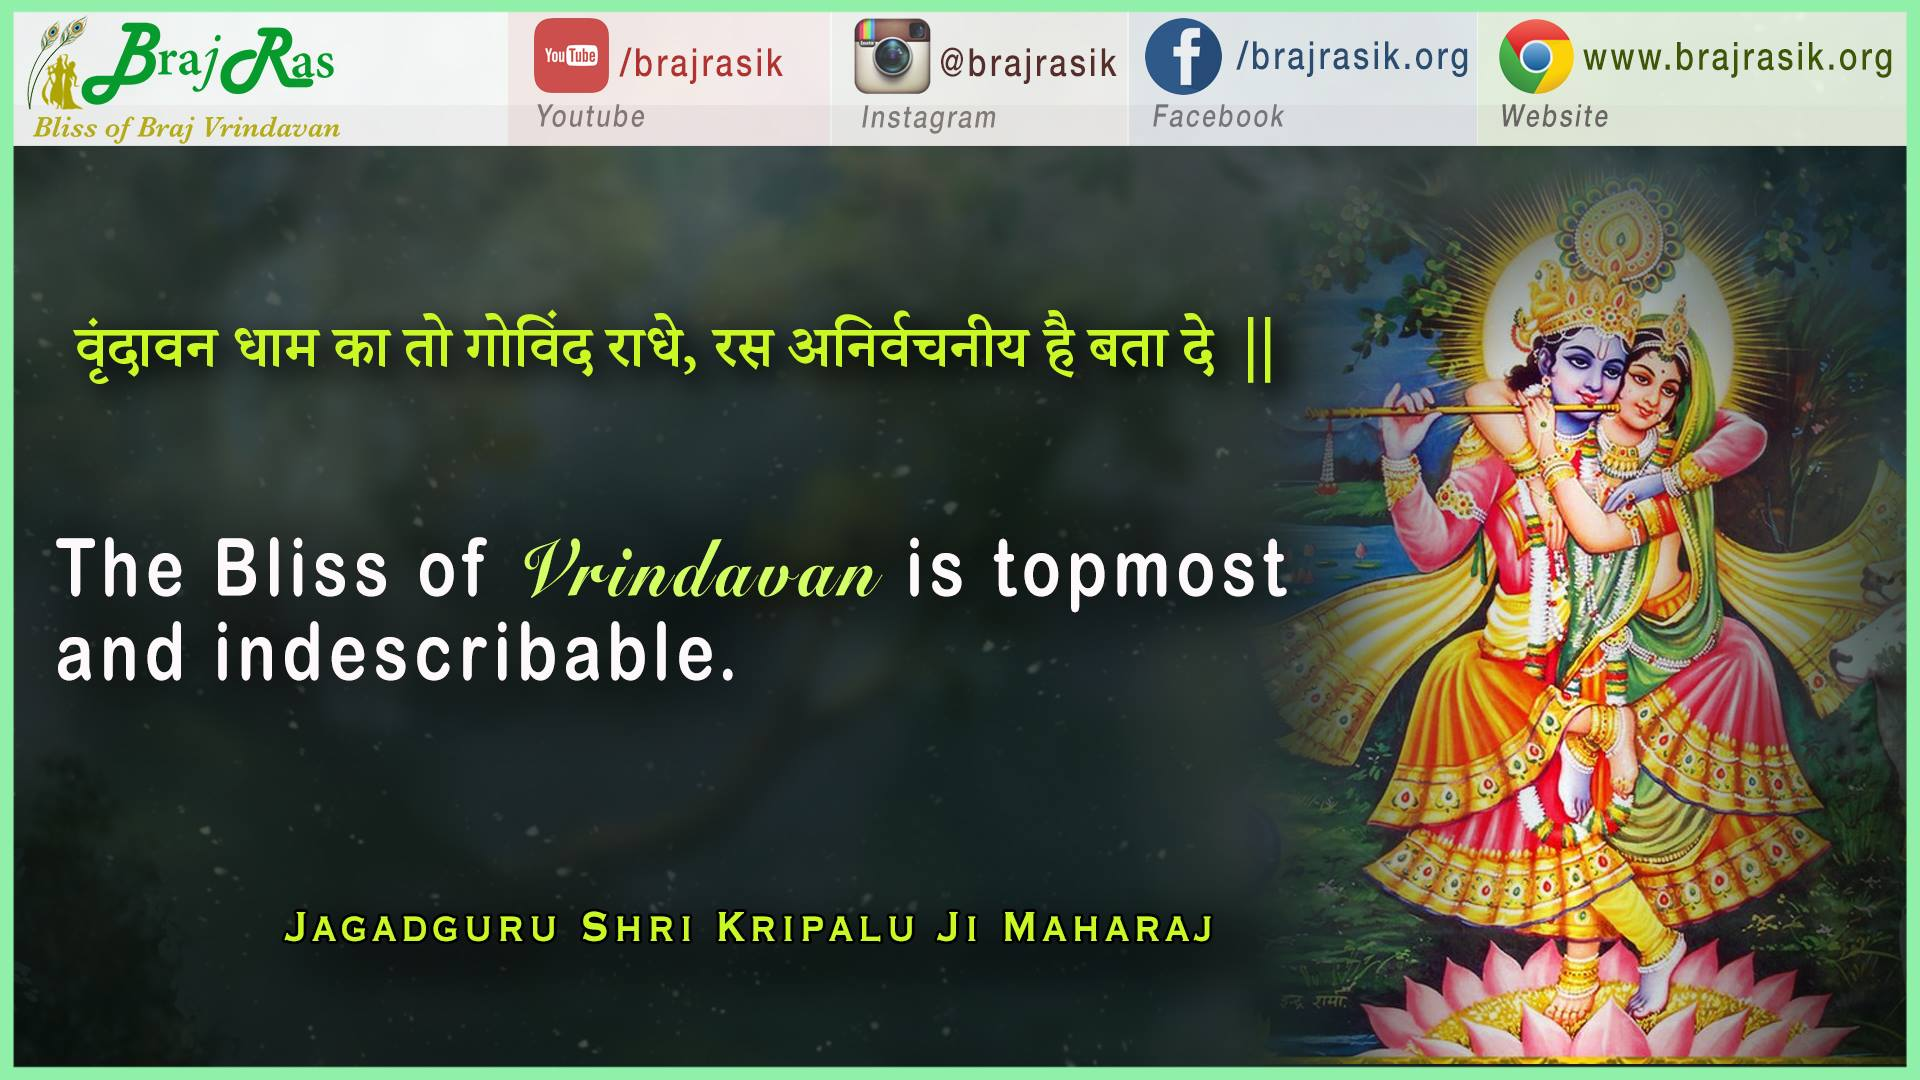 Vrindavan Dham Ka To Govind Radhey - Radha Govind Geet, Jagadguru Shri Kripalu Ji Maharaj